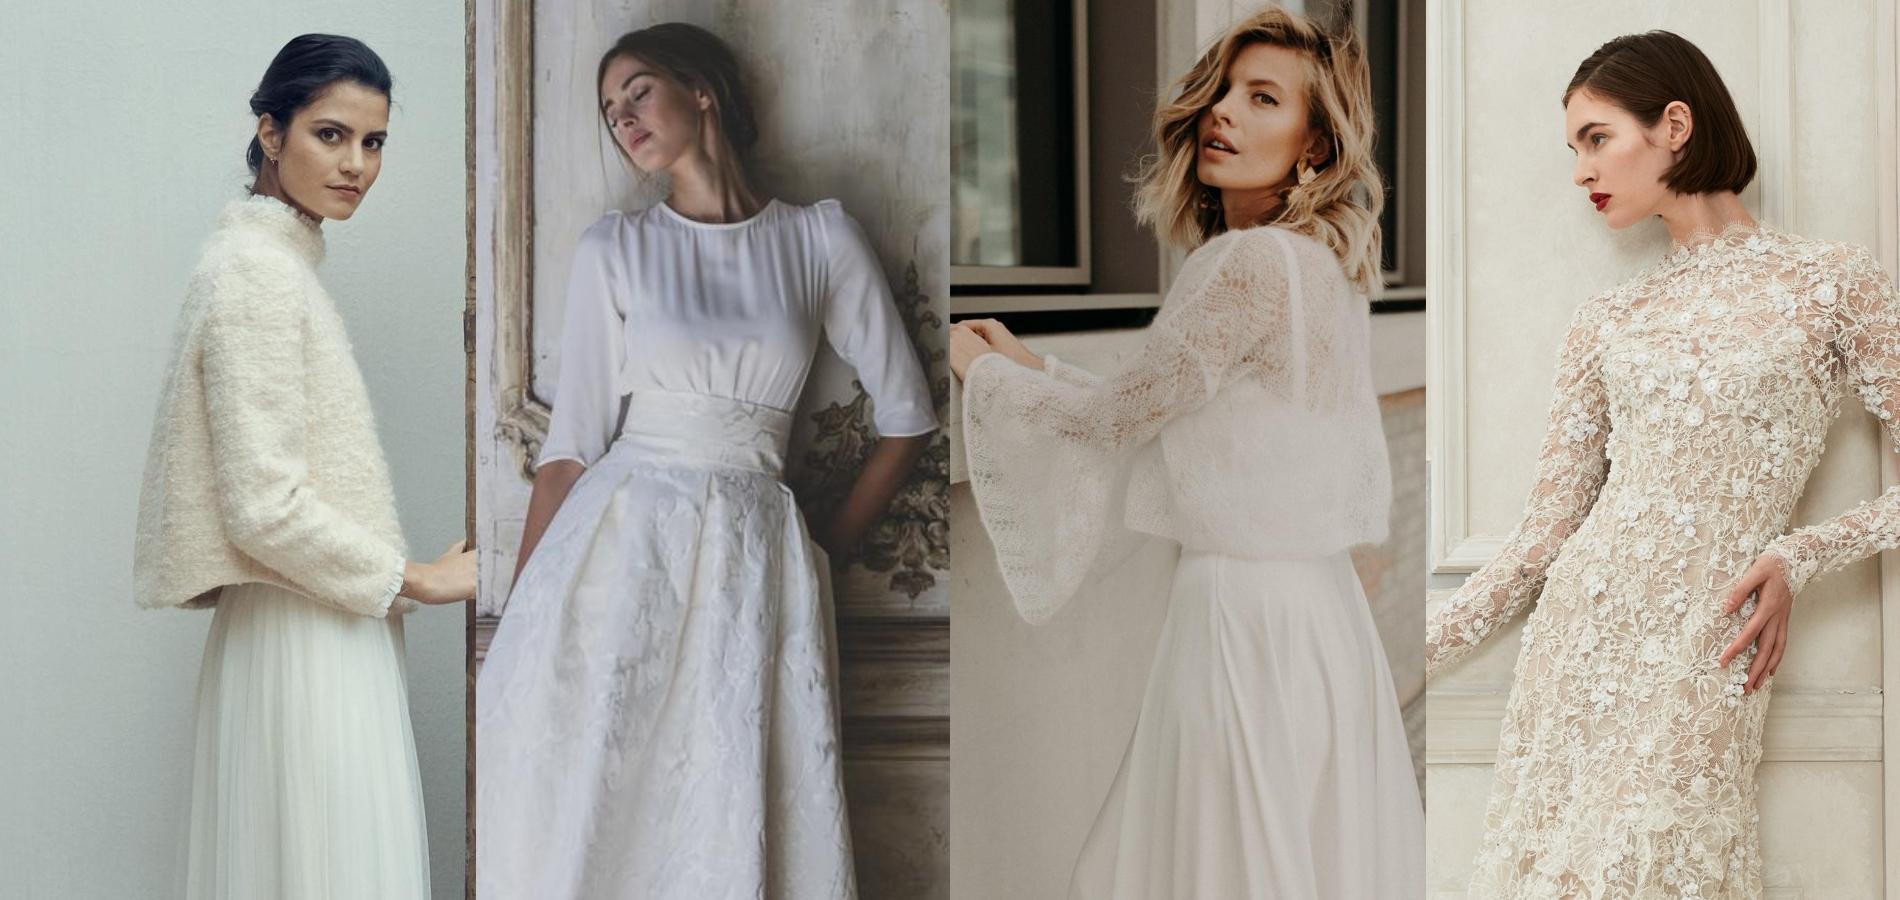 Mariage d\u0027hiver  les plus belles robes pour dire oui par